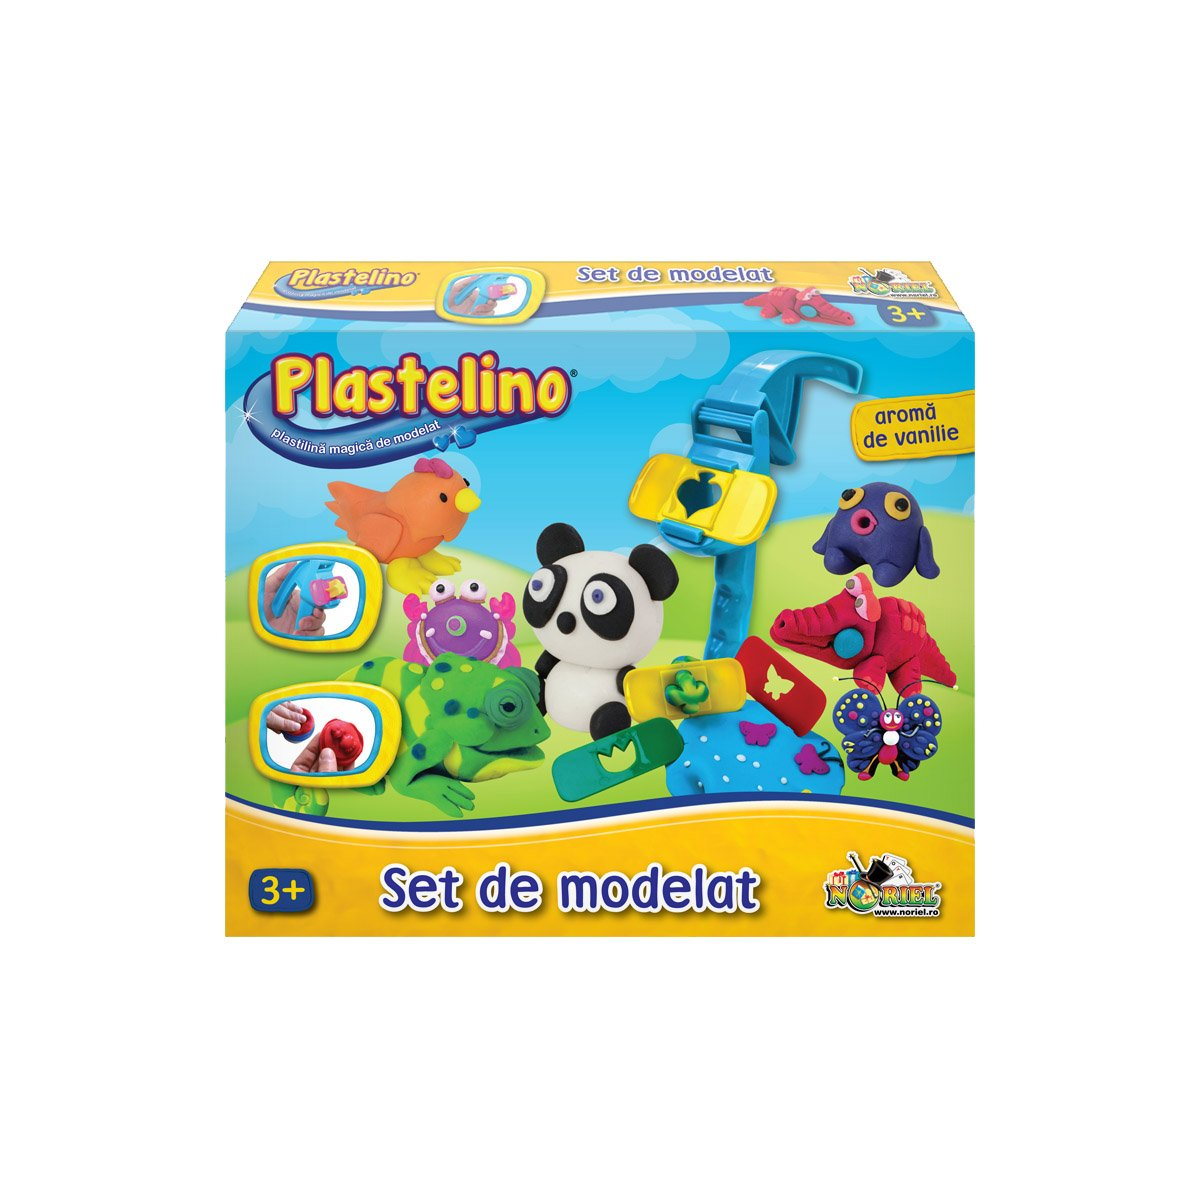 Plastelino - Set de modelat II